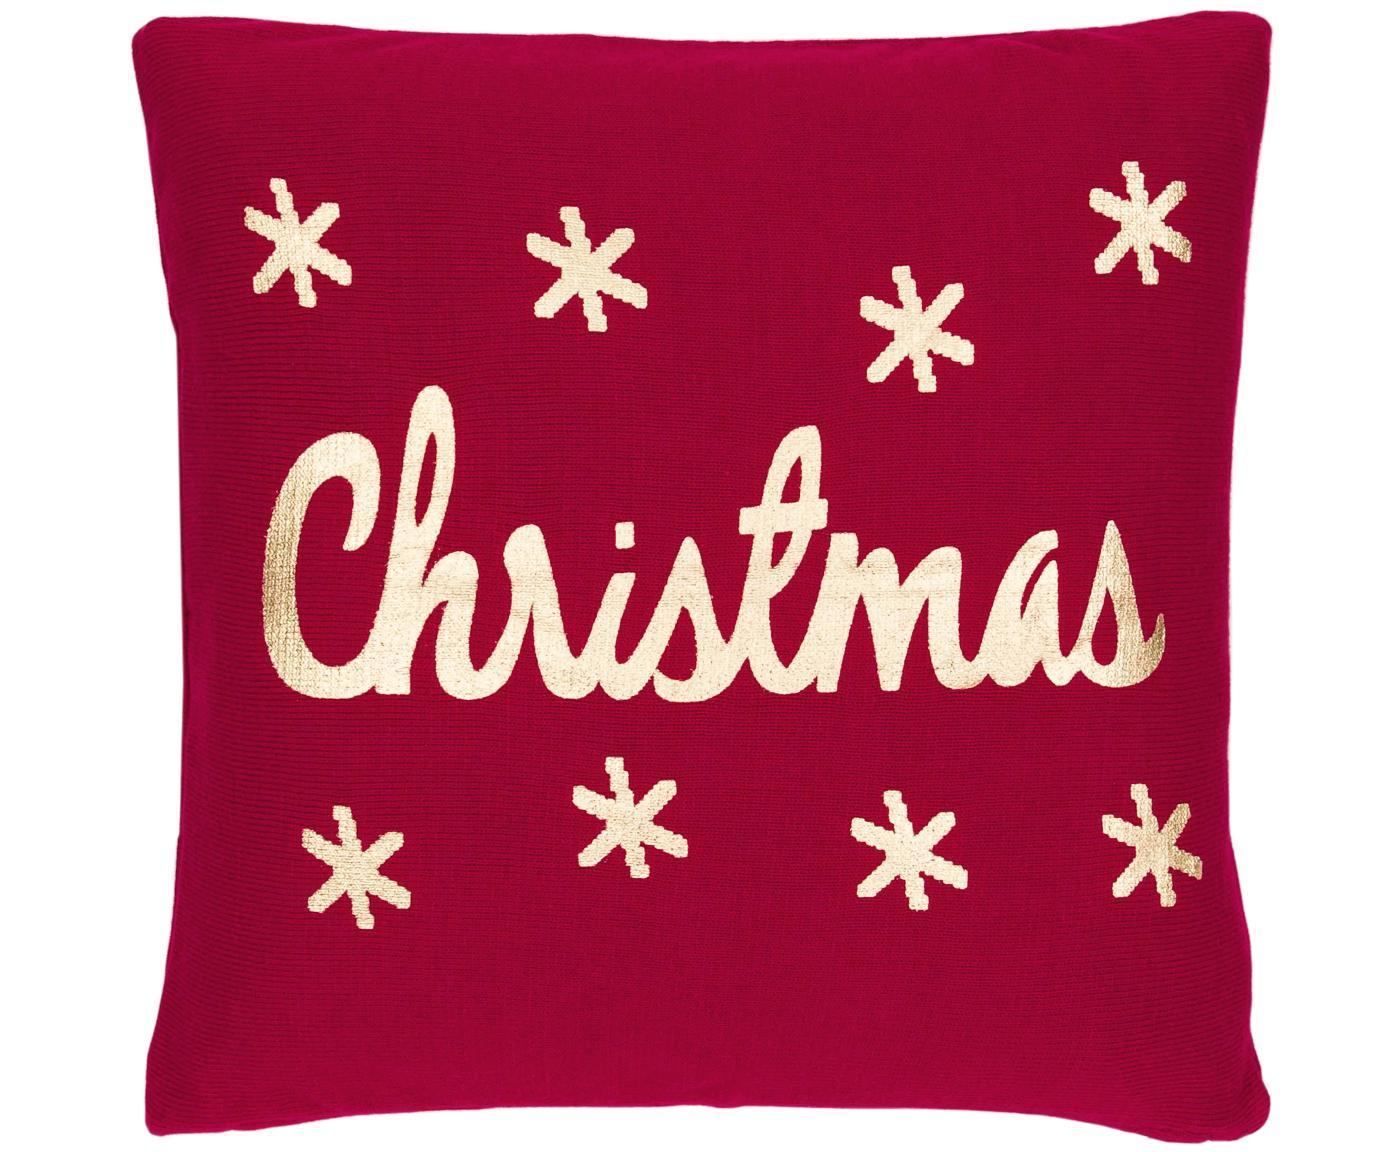 Gebreide kussenhoes Christmas, 100% katoen, Rood, goudkleurig, 40 x 40 cm